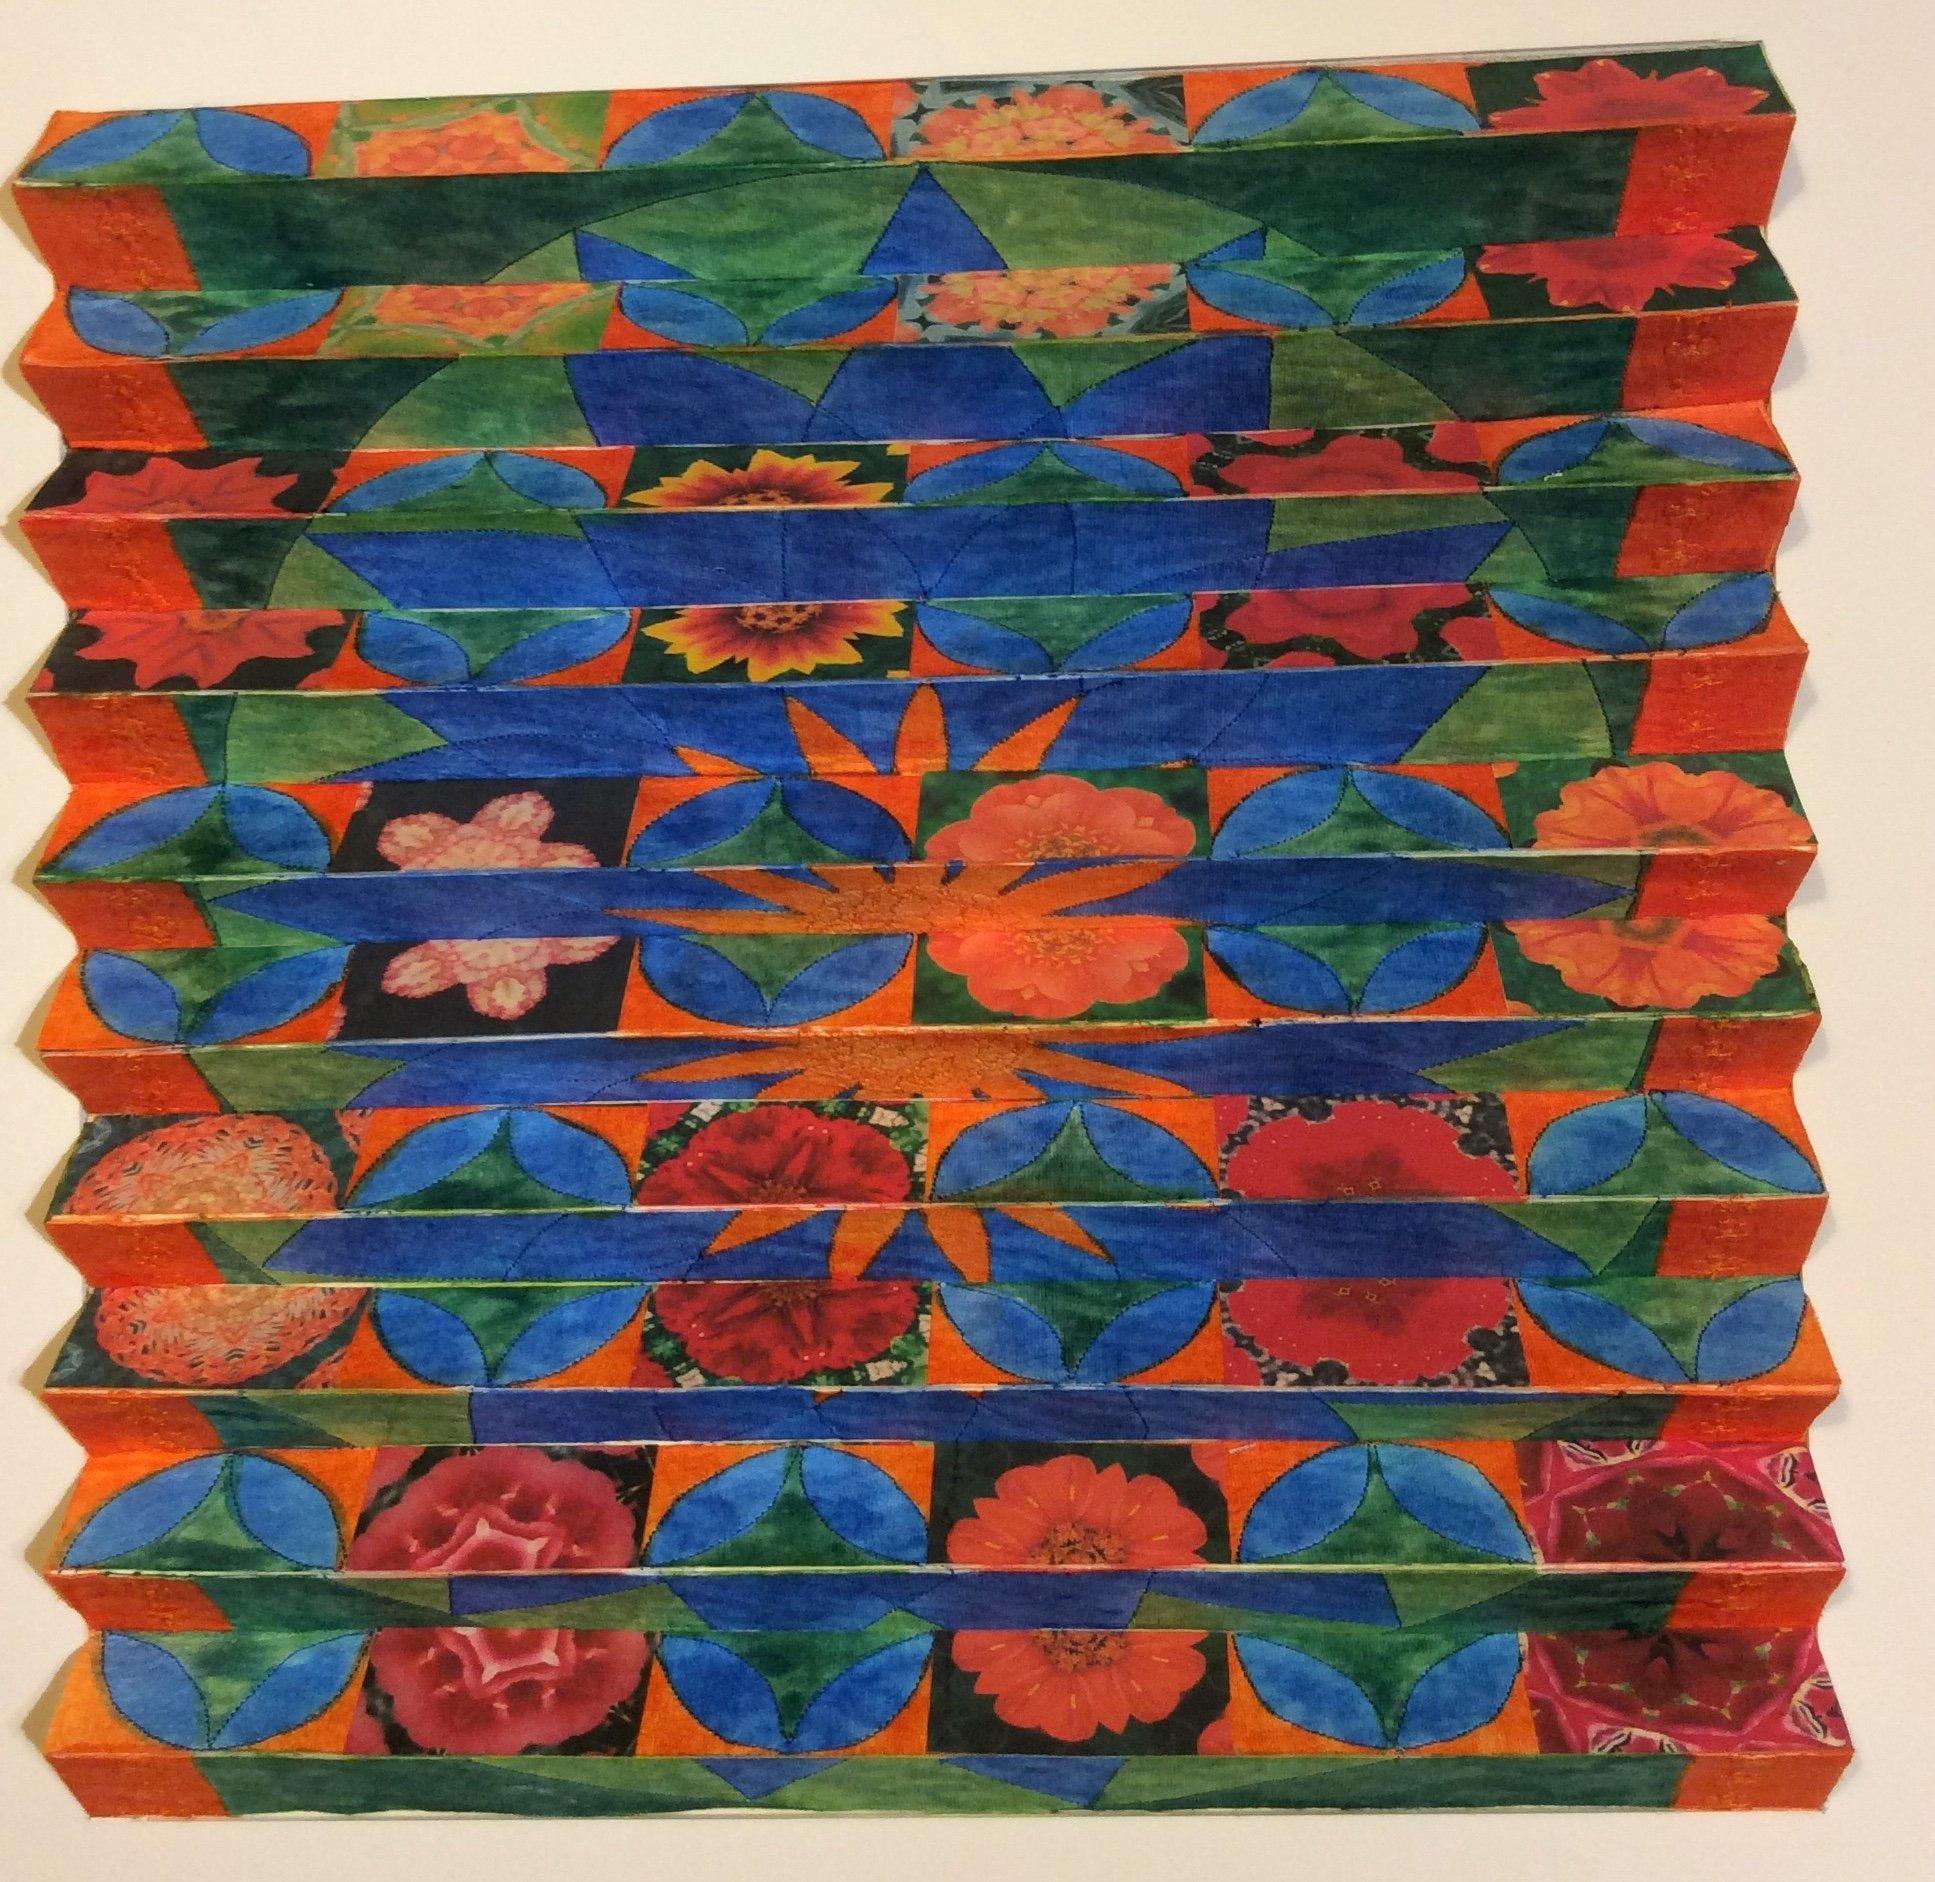 Kaleidoscope Exhibition